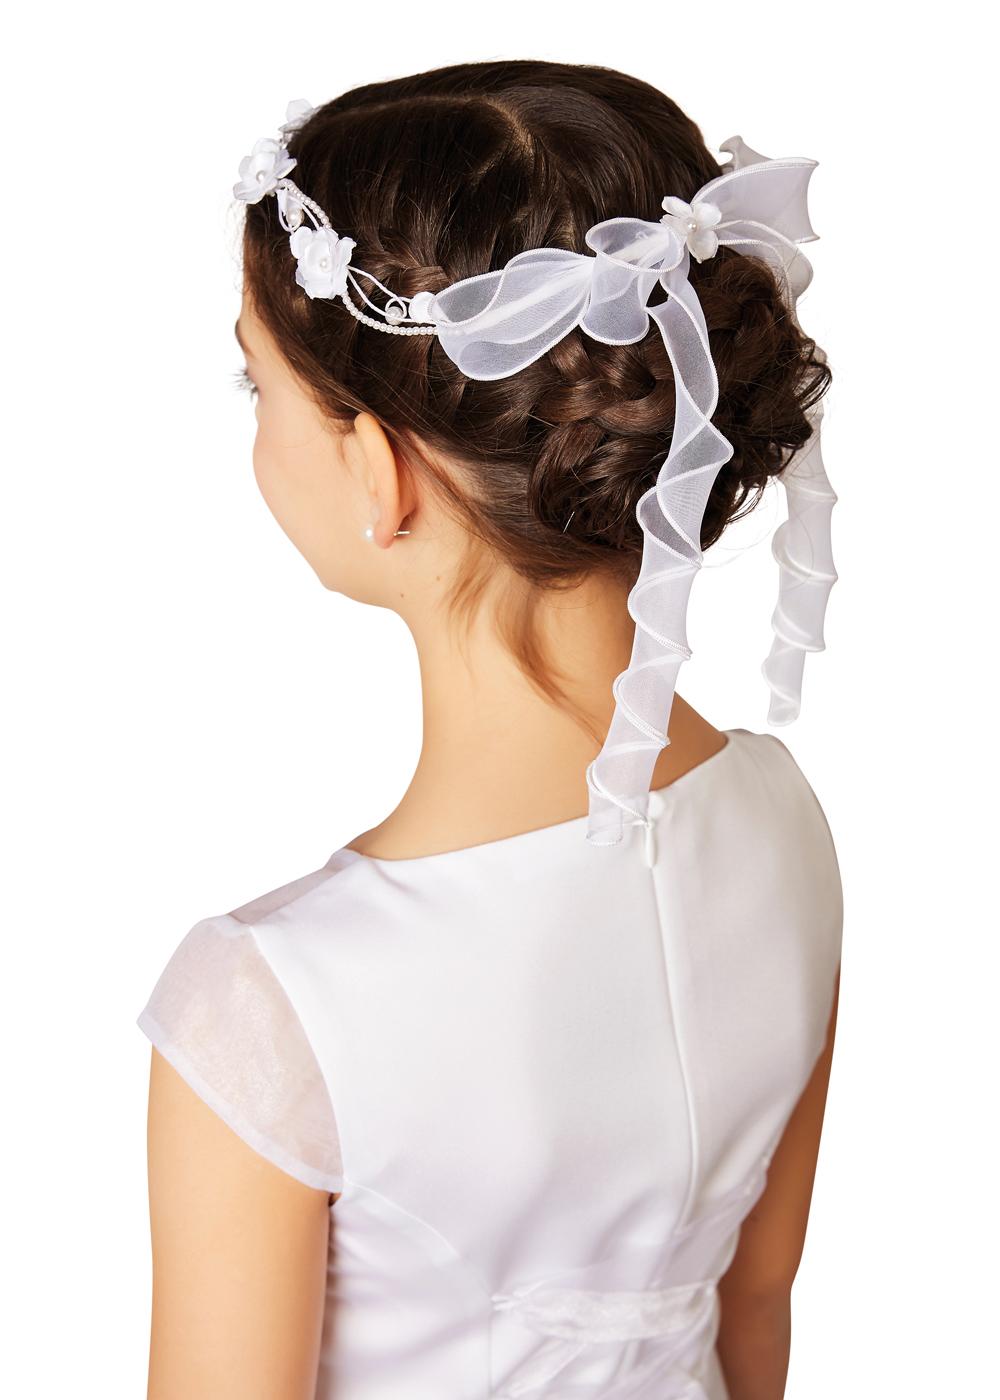 Kommunion Accessoires für Mädchen. Haarschmuck Modell 251720.